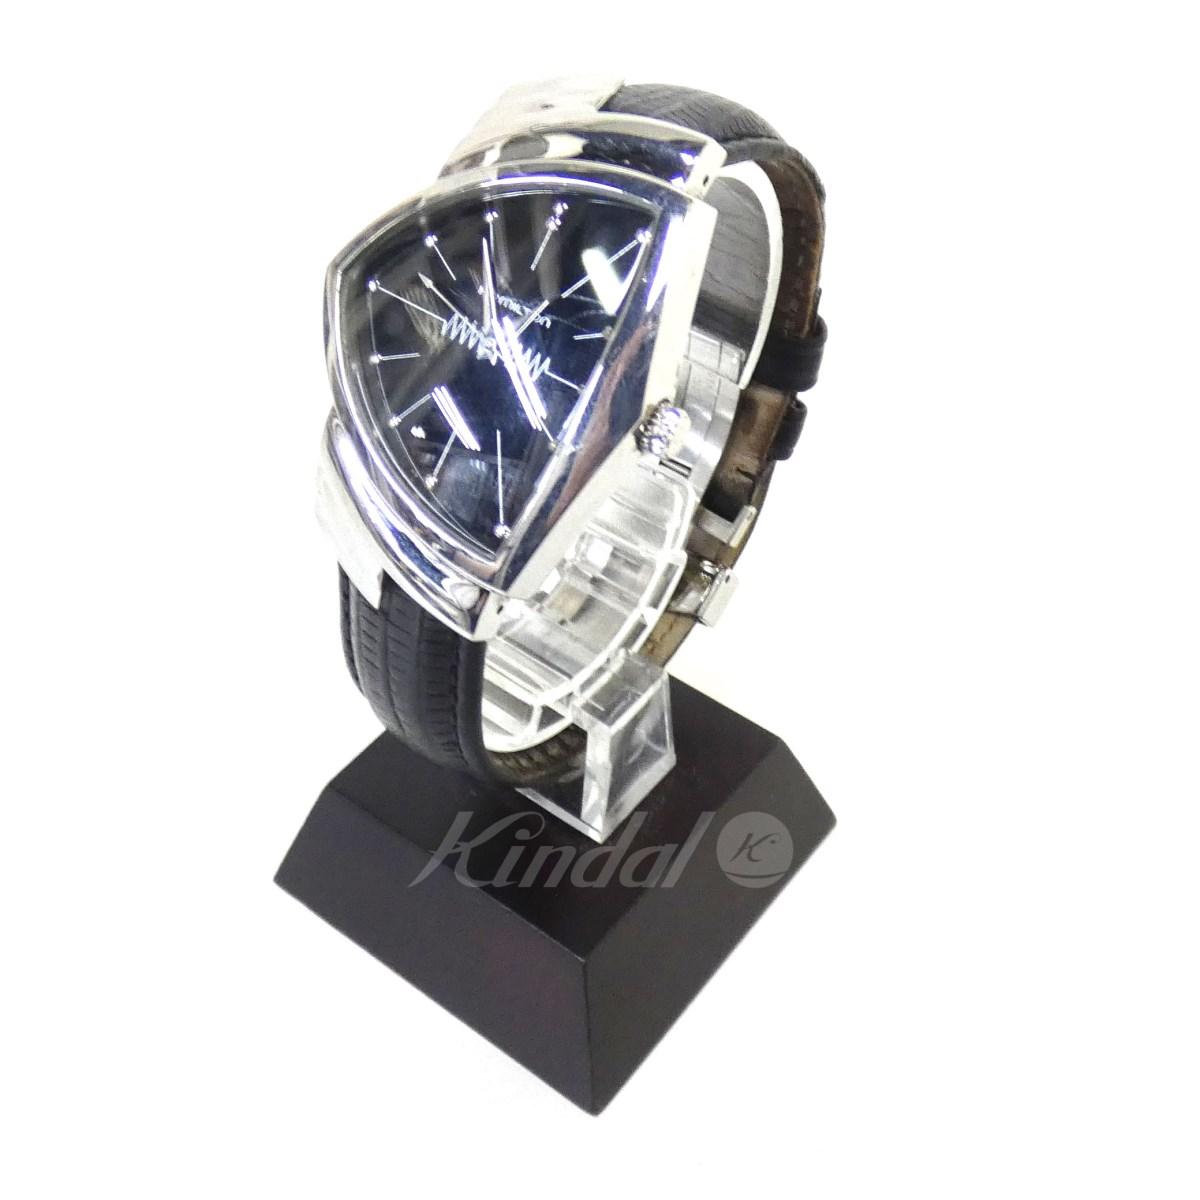 【中古】HAMILTON 「ベンチュラ」クオーツ腕時計 H244110 【送料無料】 【111365】 【KIND1550】